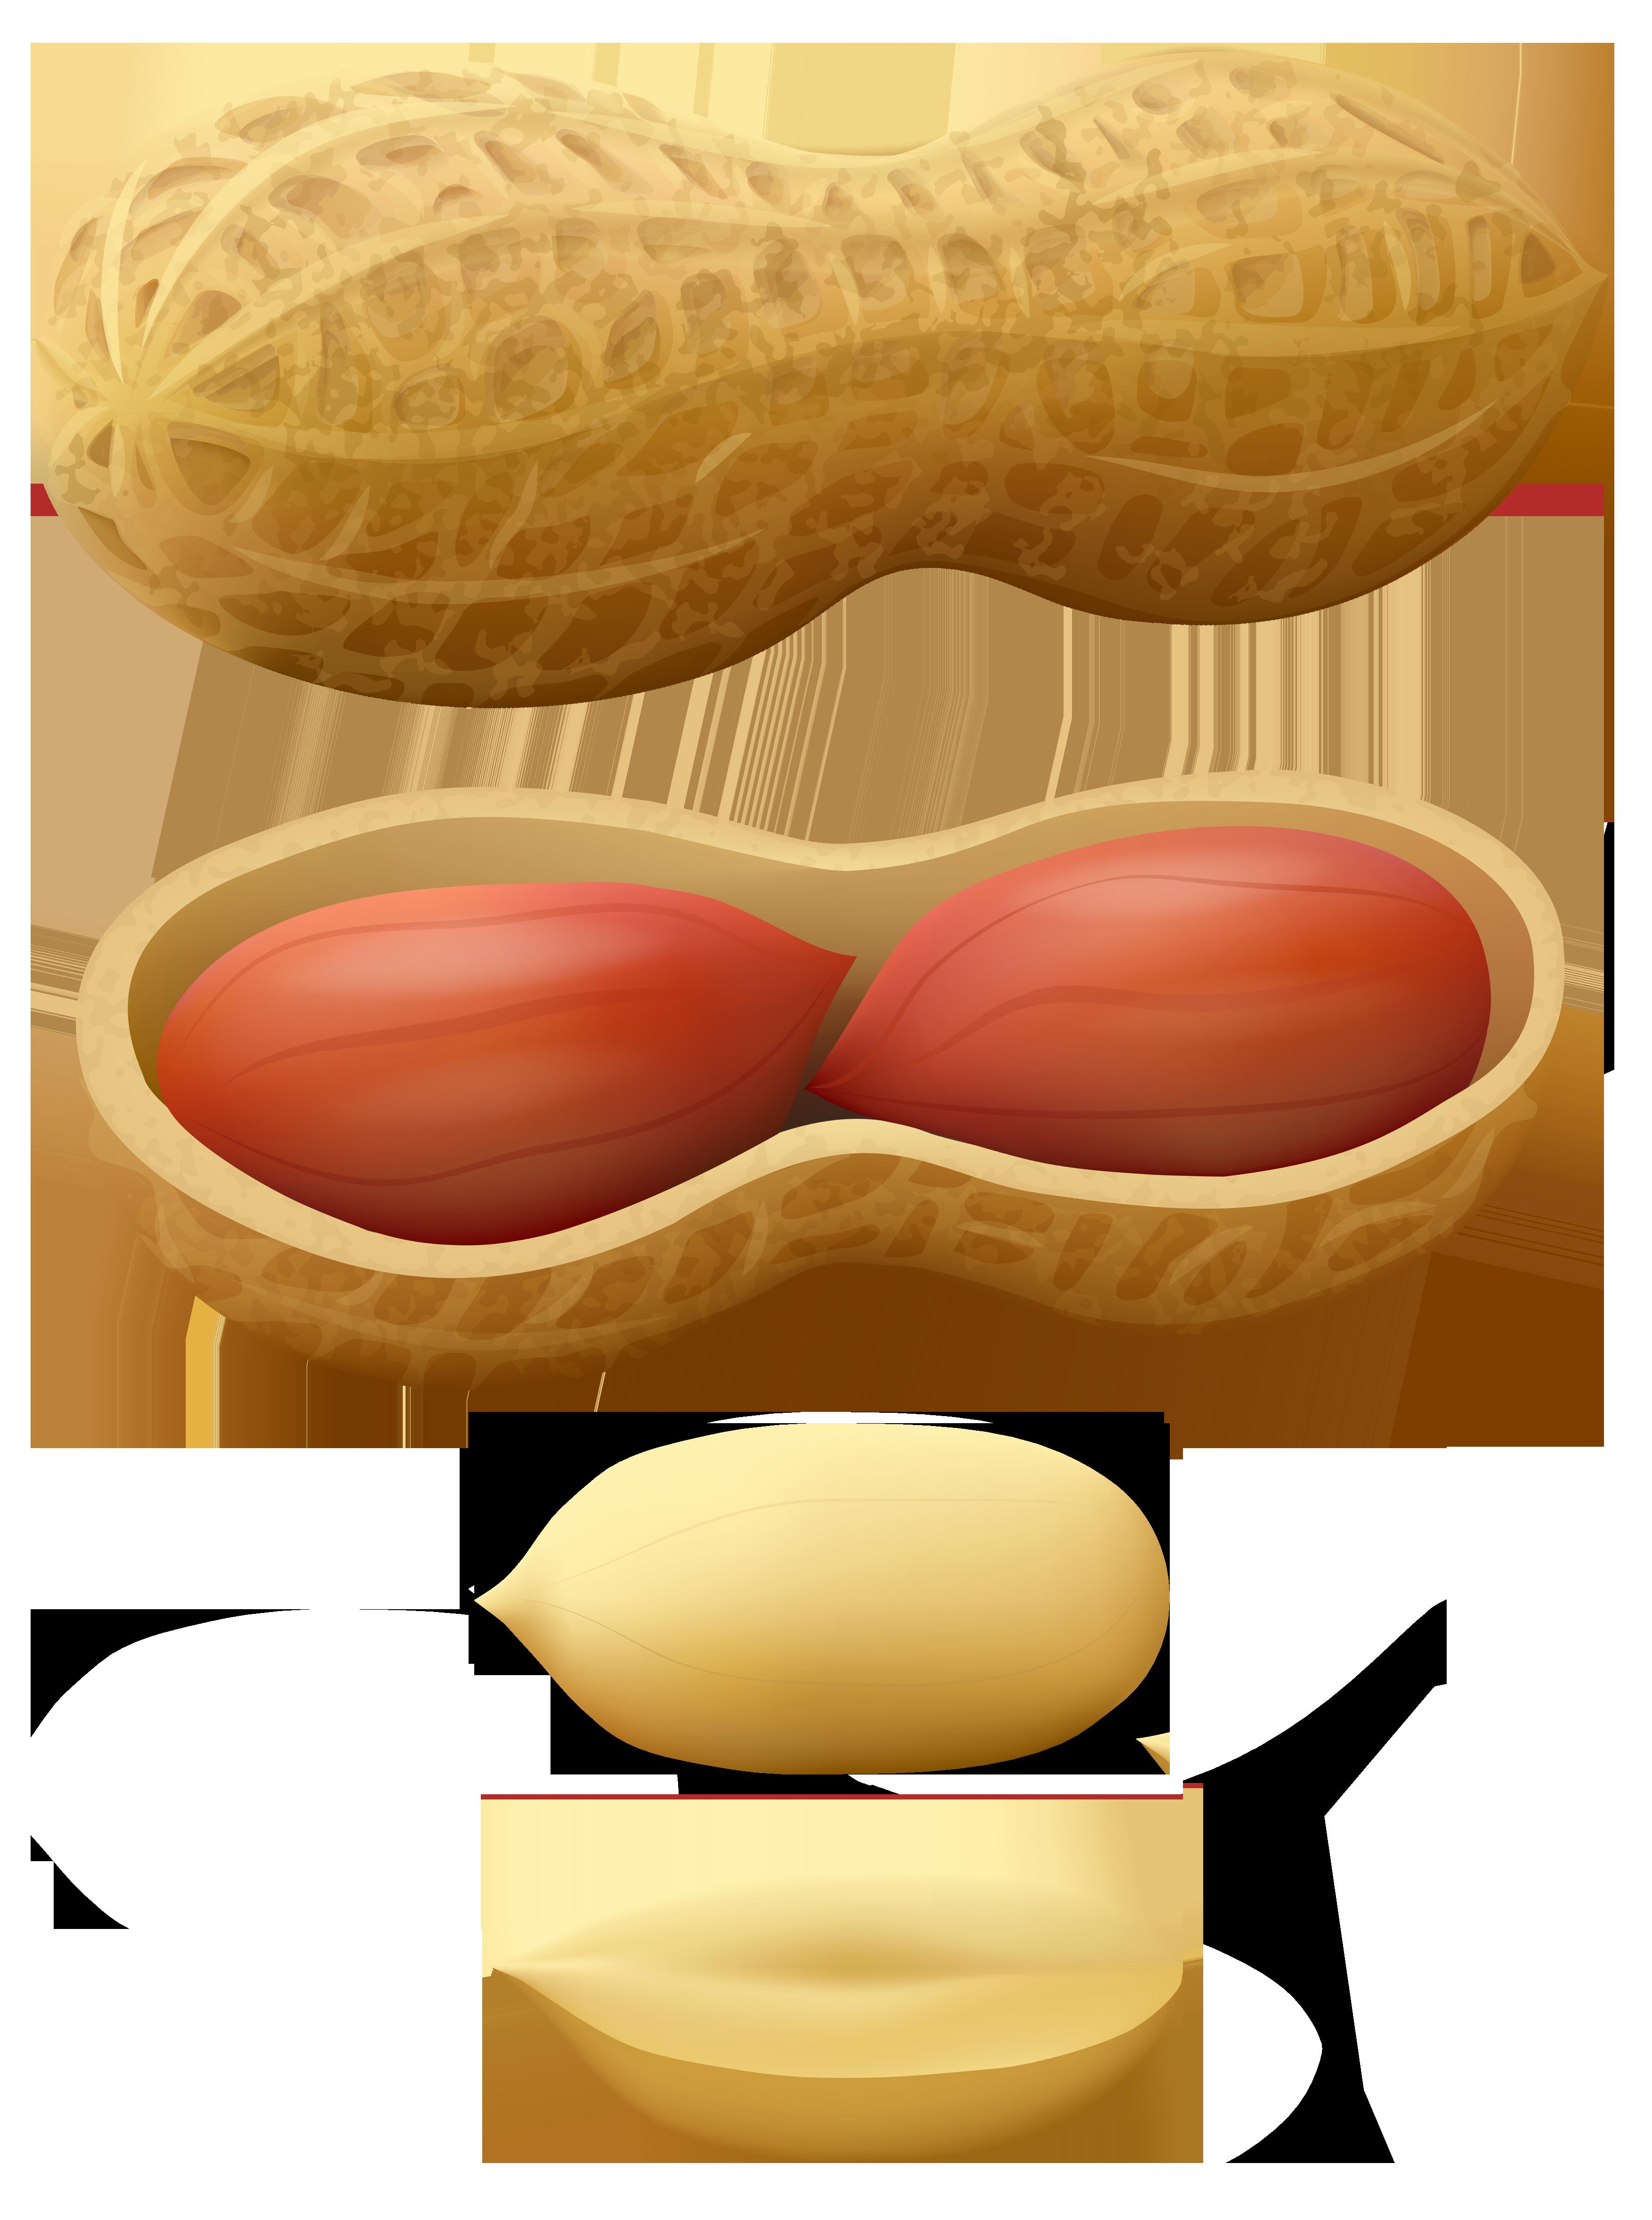 Clipart food nuts. Peanuts png clip art